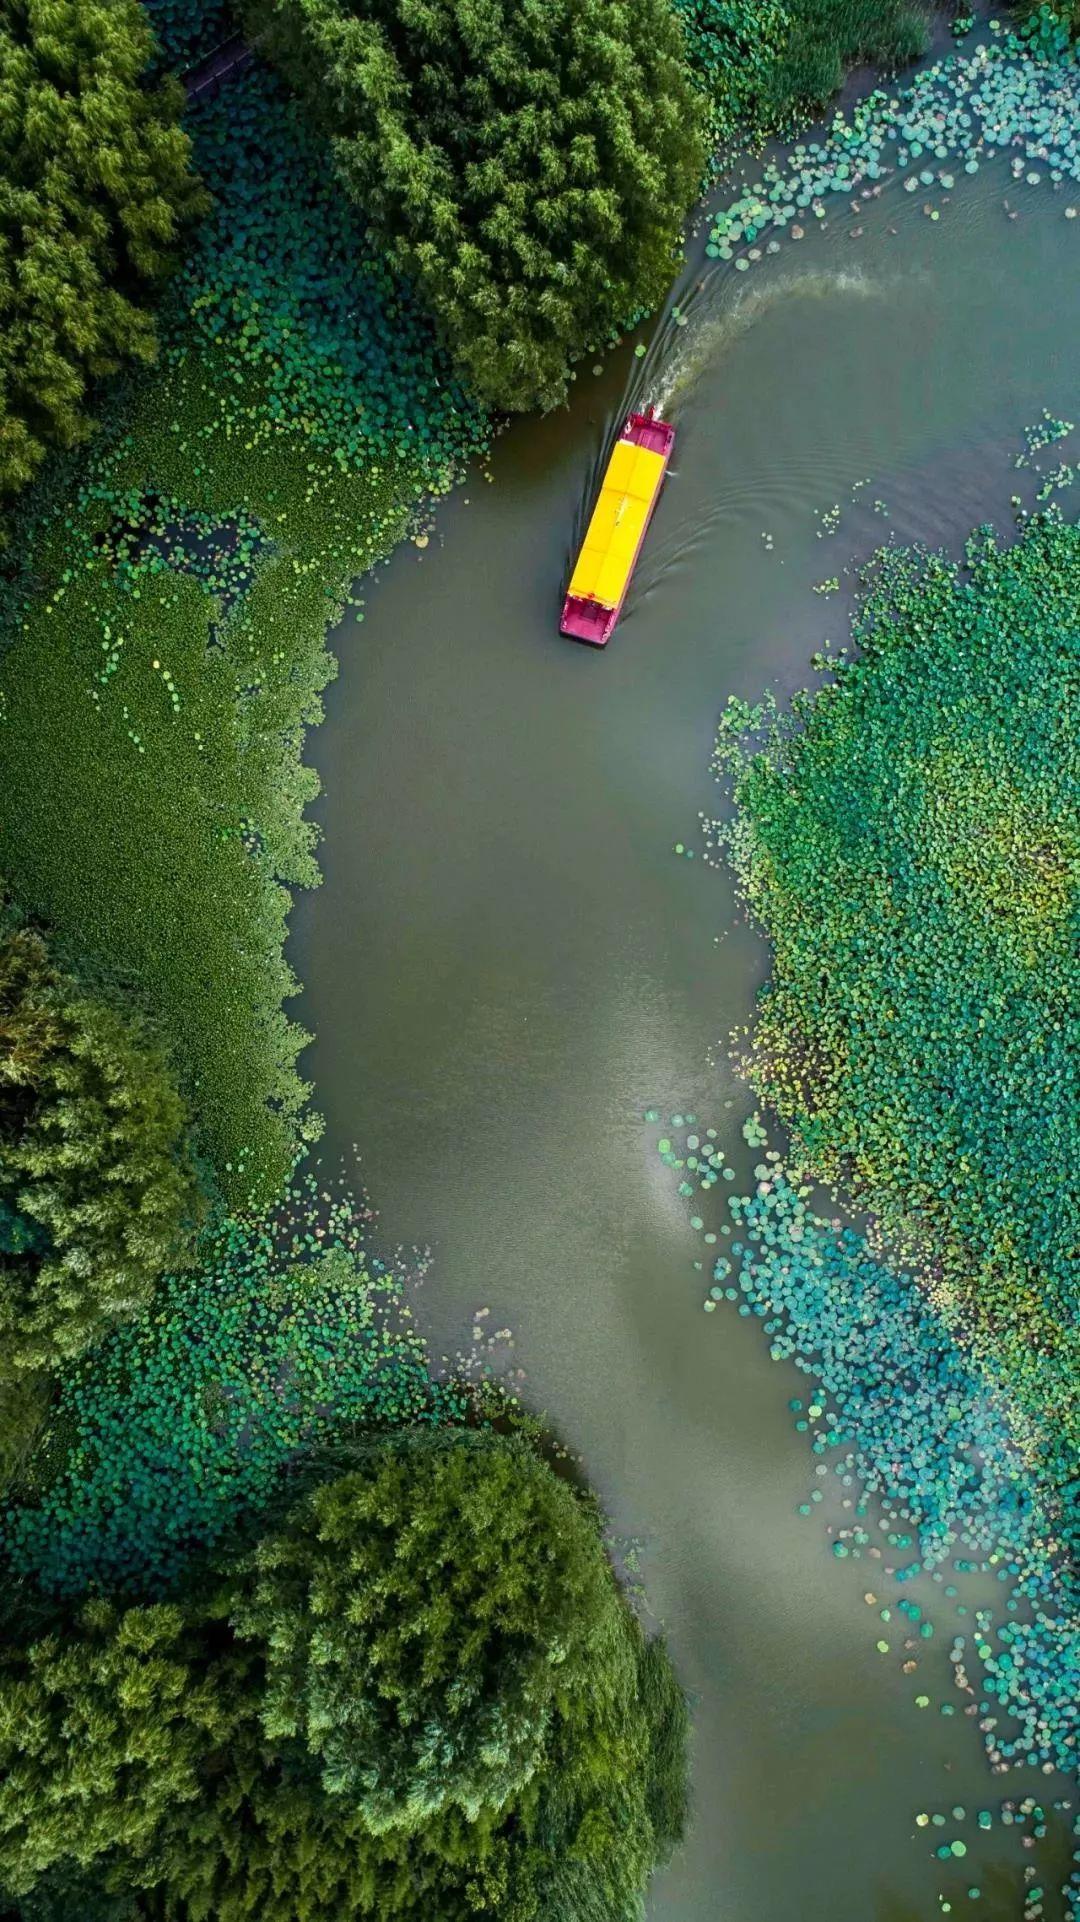 门票免费   天然氧吧,美景珍禽,紫色花海,醉美涛沟河湿地,夏日亲水好去处!